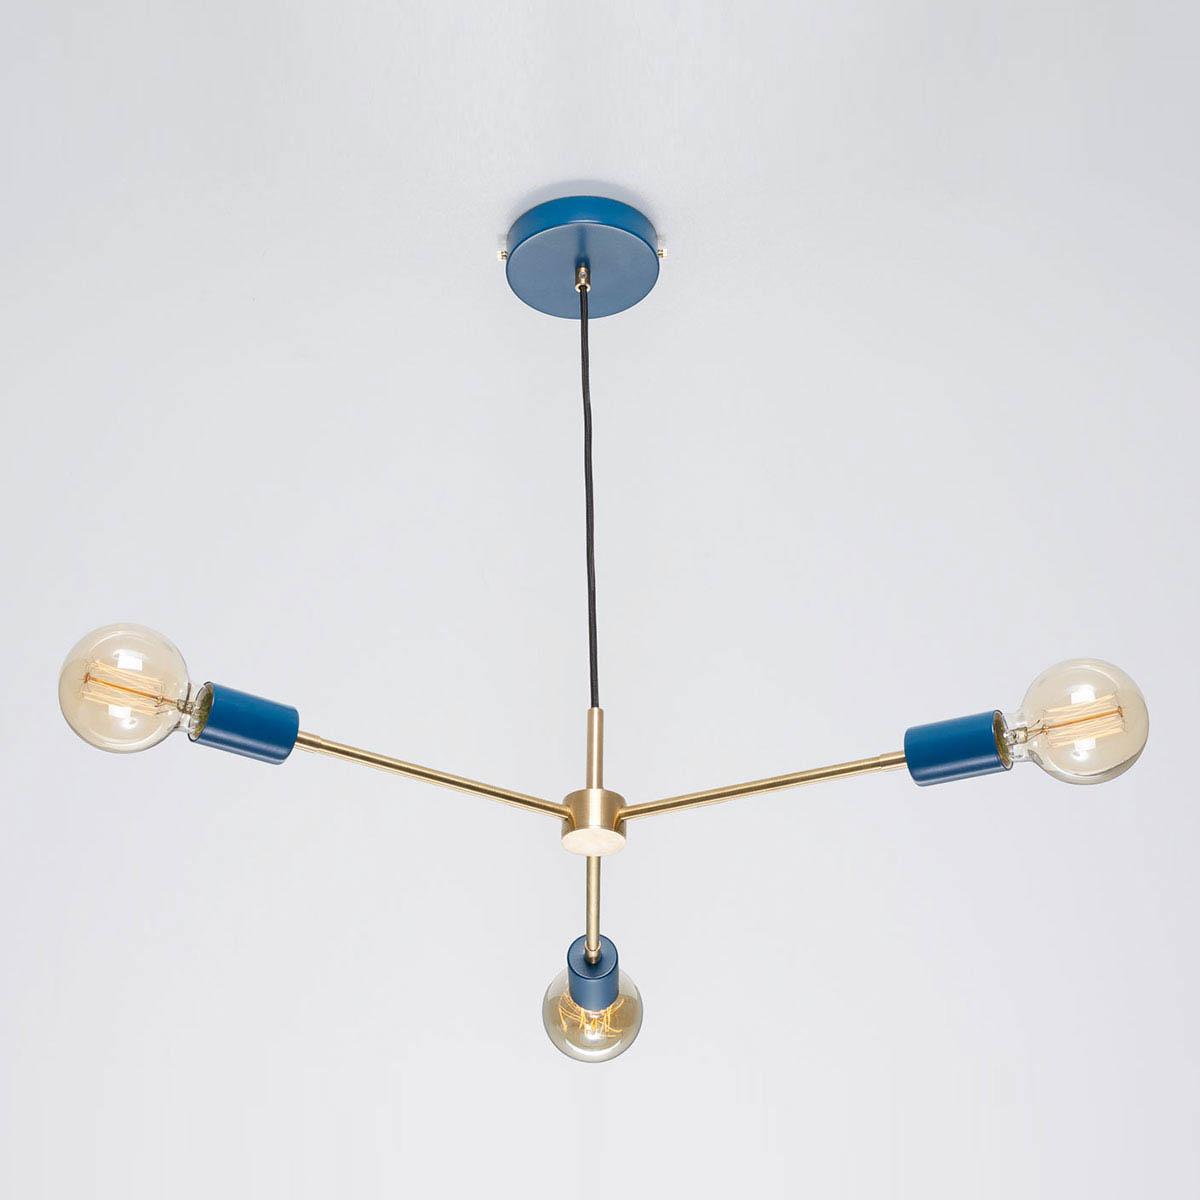 Потолочный светильник Tage синий